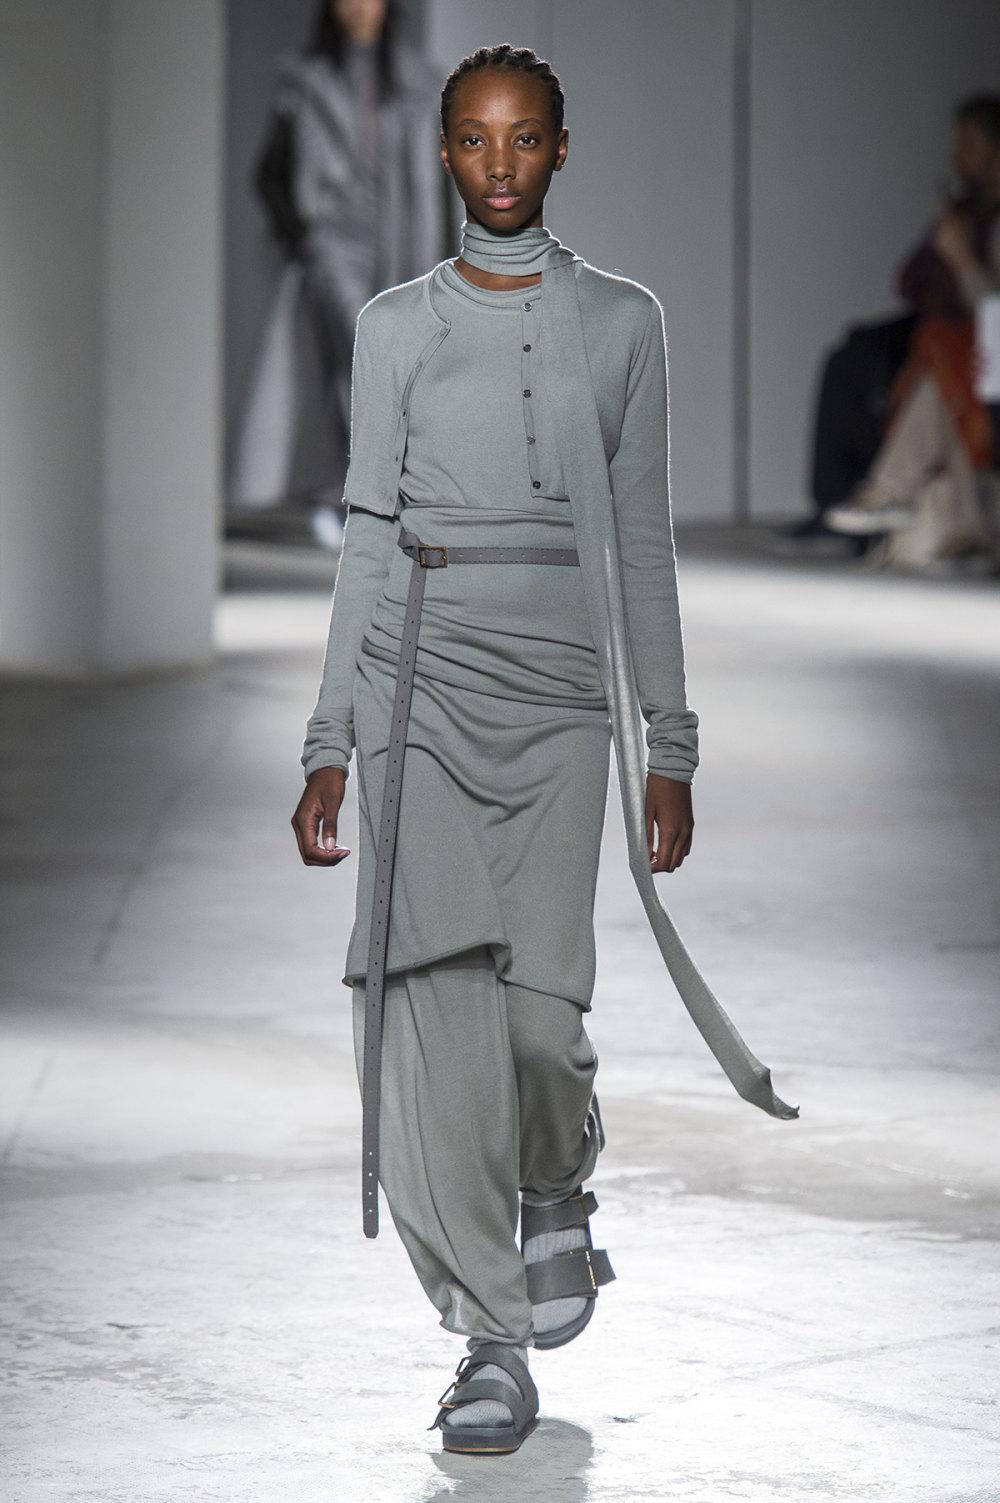 Agnona时装系列有纹理外套长而瘦有些穿着浴袍宽腿裤套装有巧克力-23.jpg